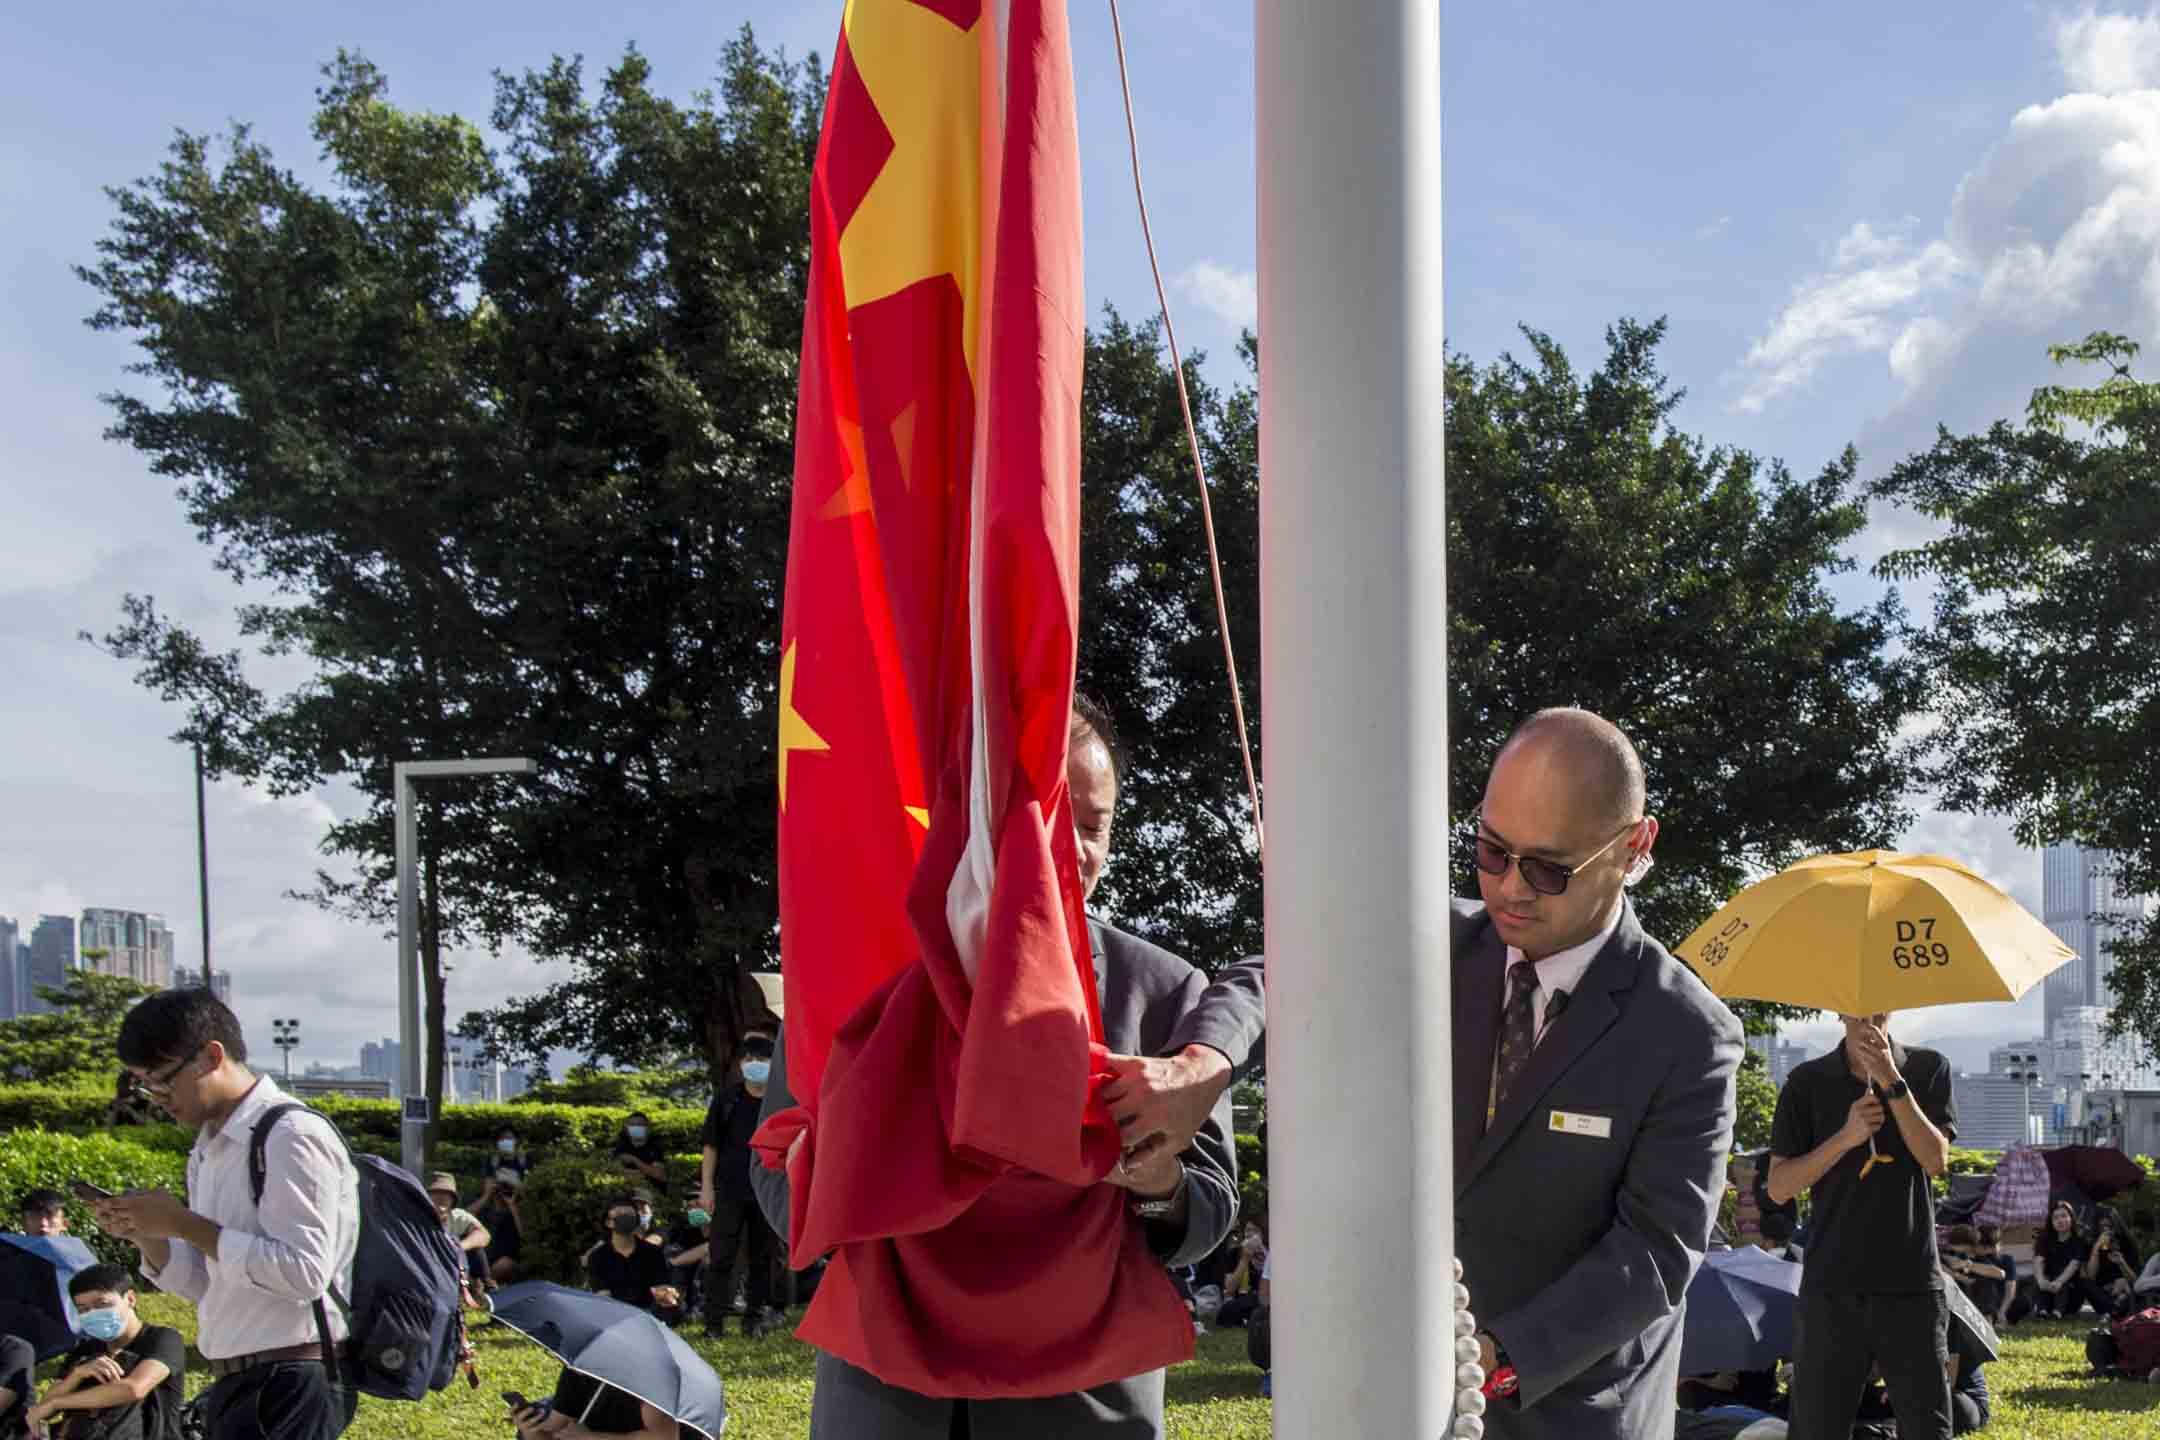 2019年6月21日,立法會升旗時間,示威者正集結。